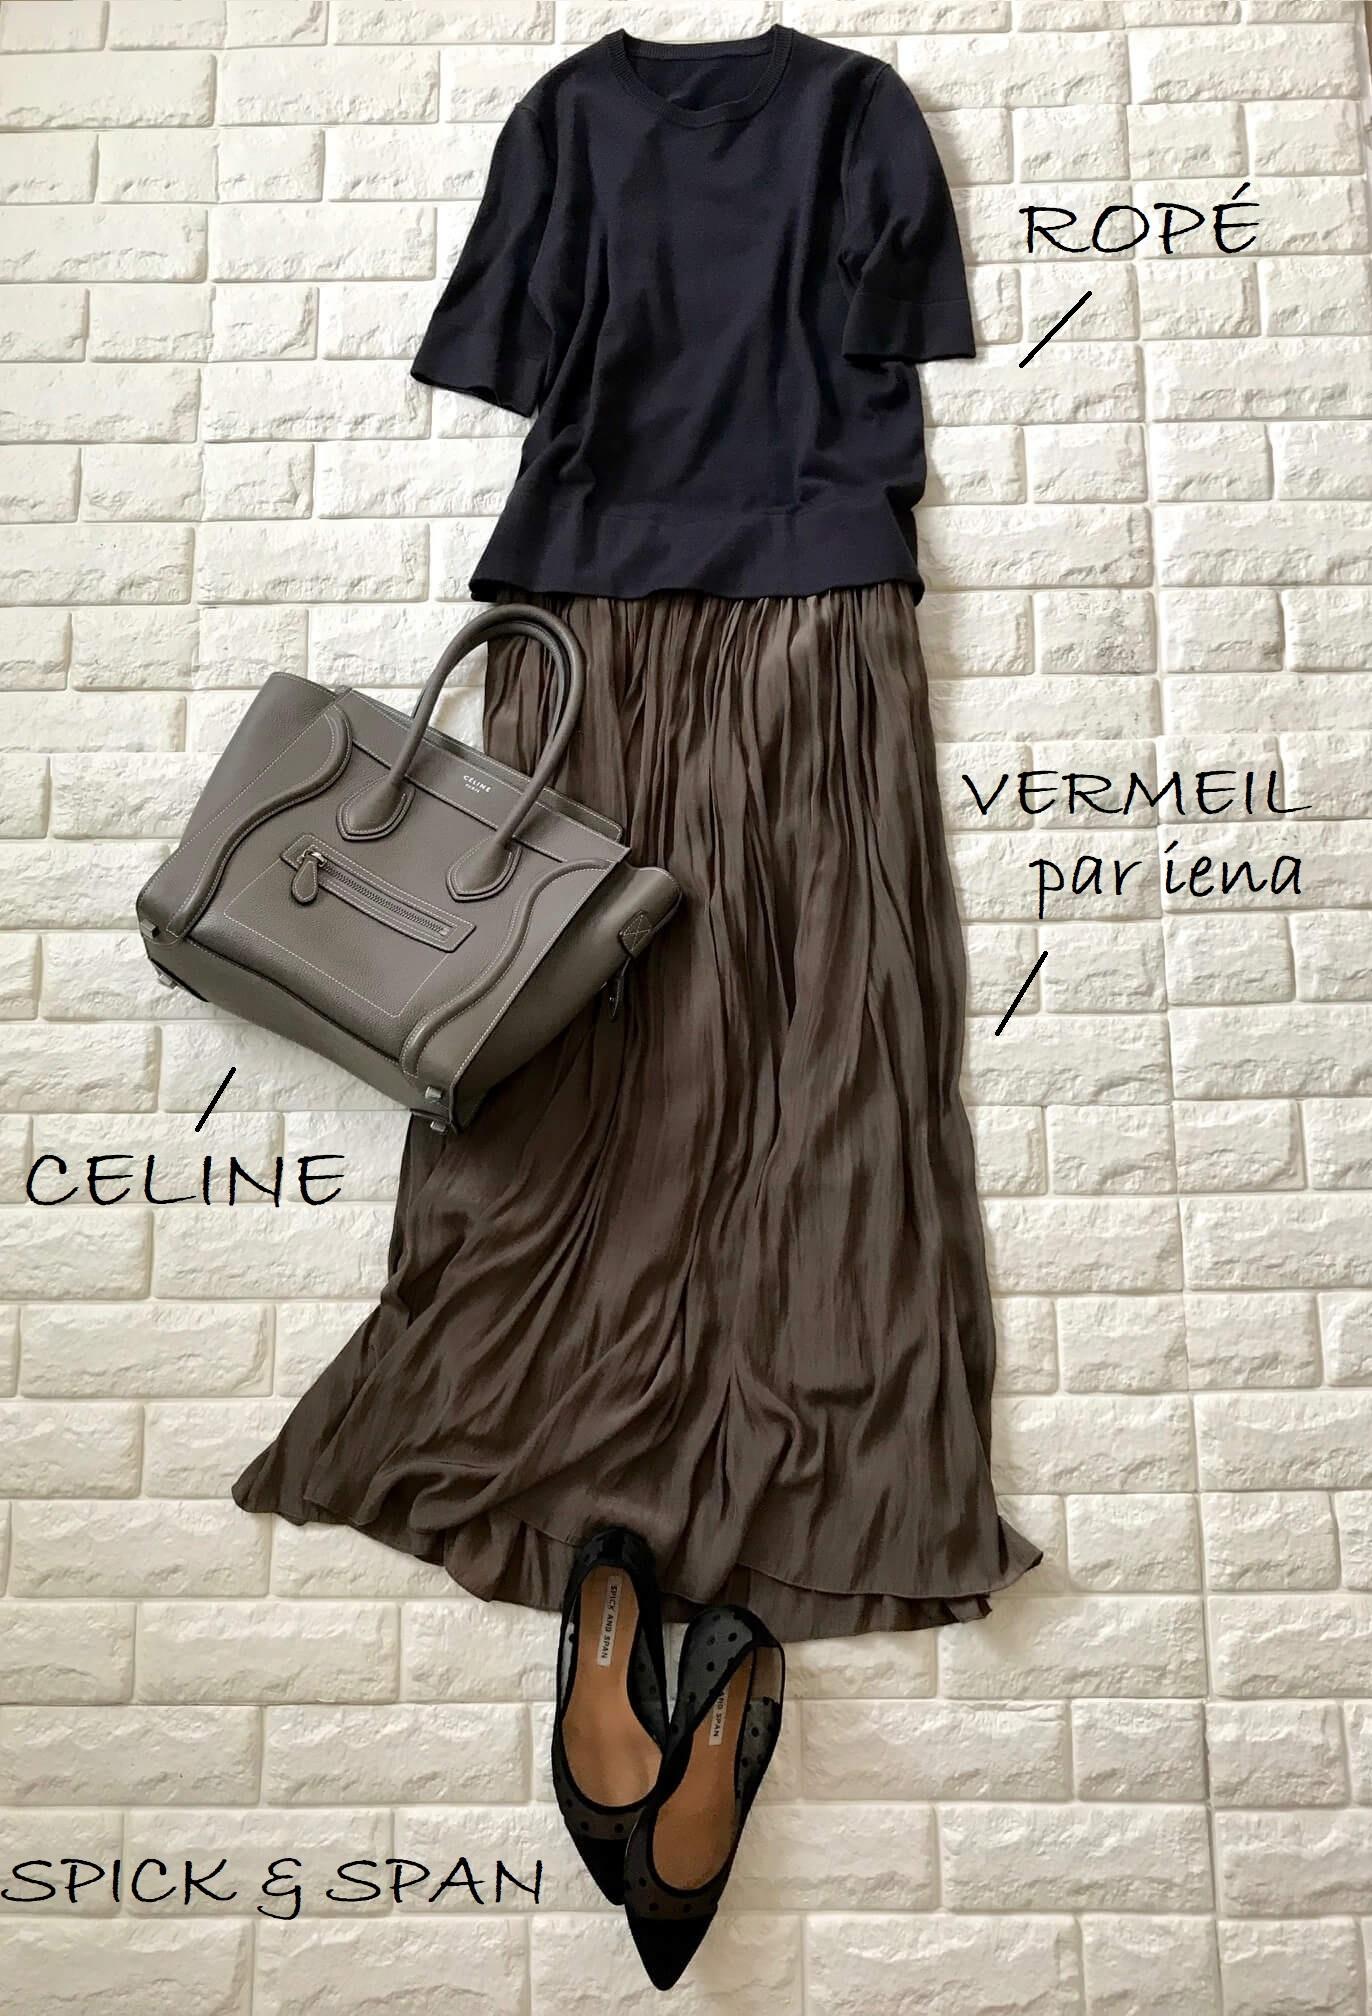 黒の半袖ニットにブラウンのスカートを合わせた秋色コーデ